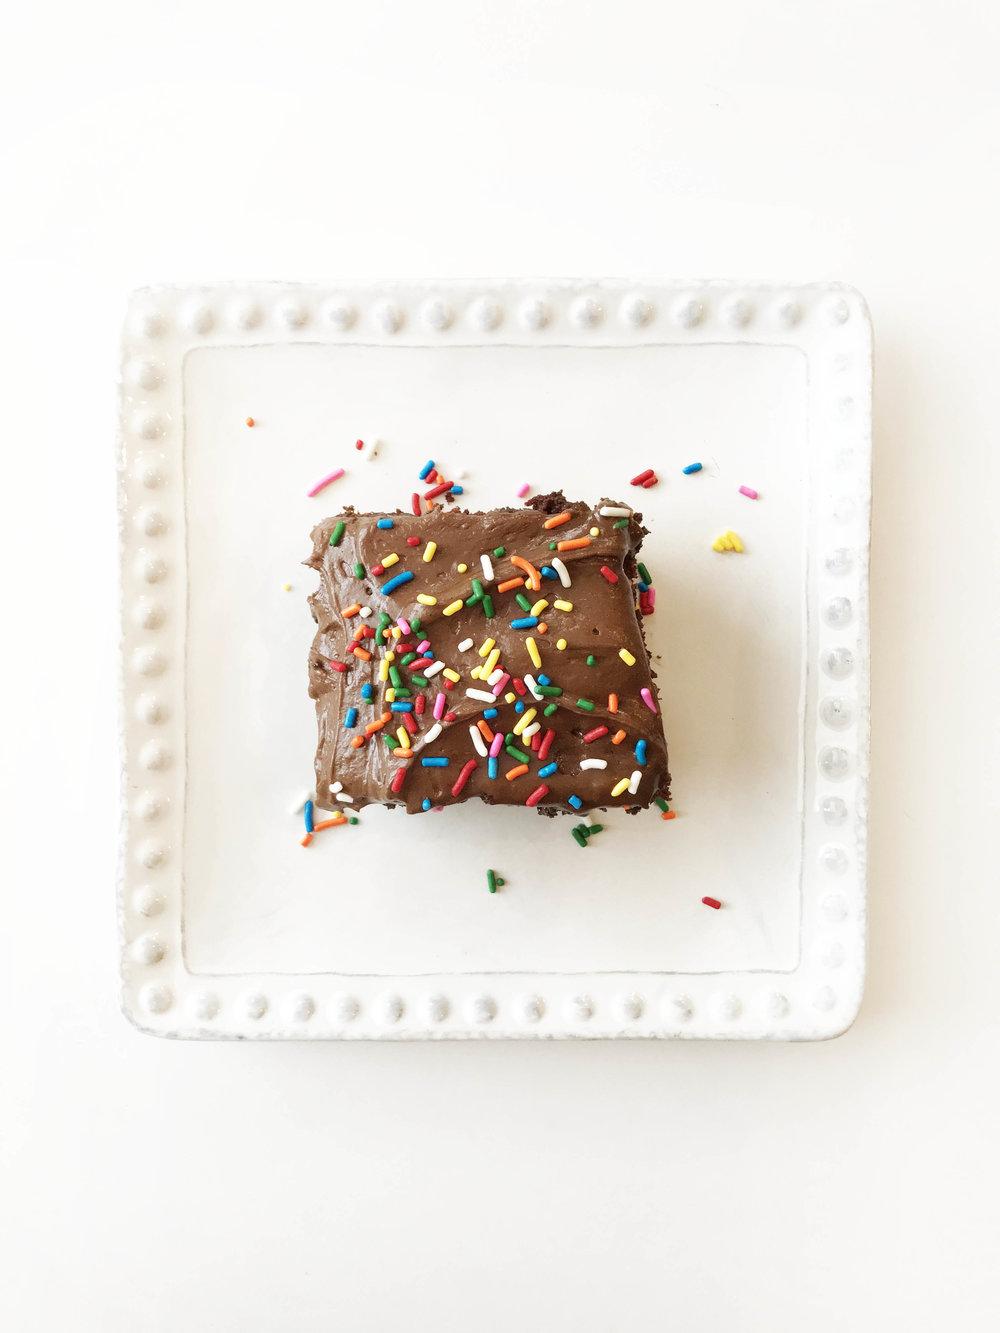 crazy-cake10.jpg